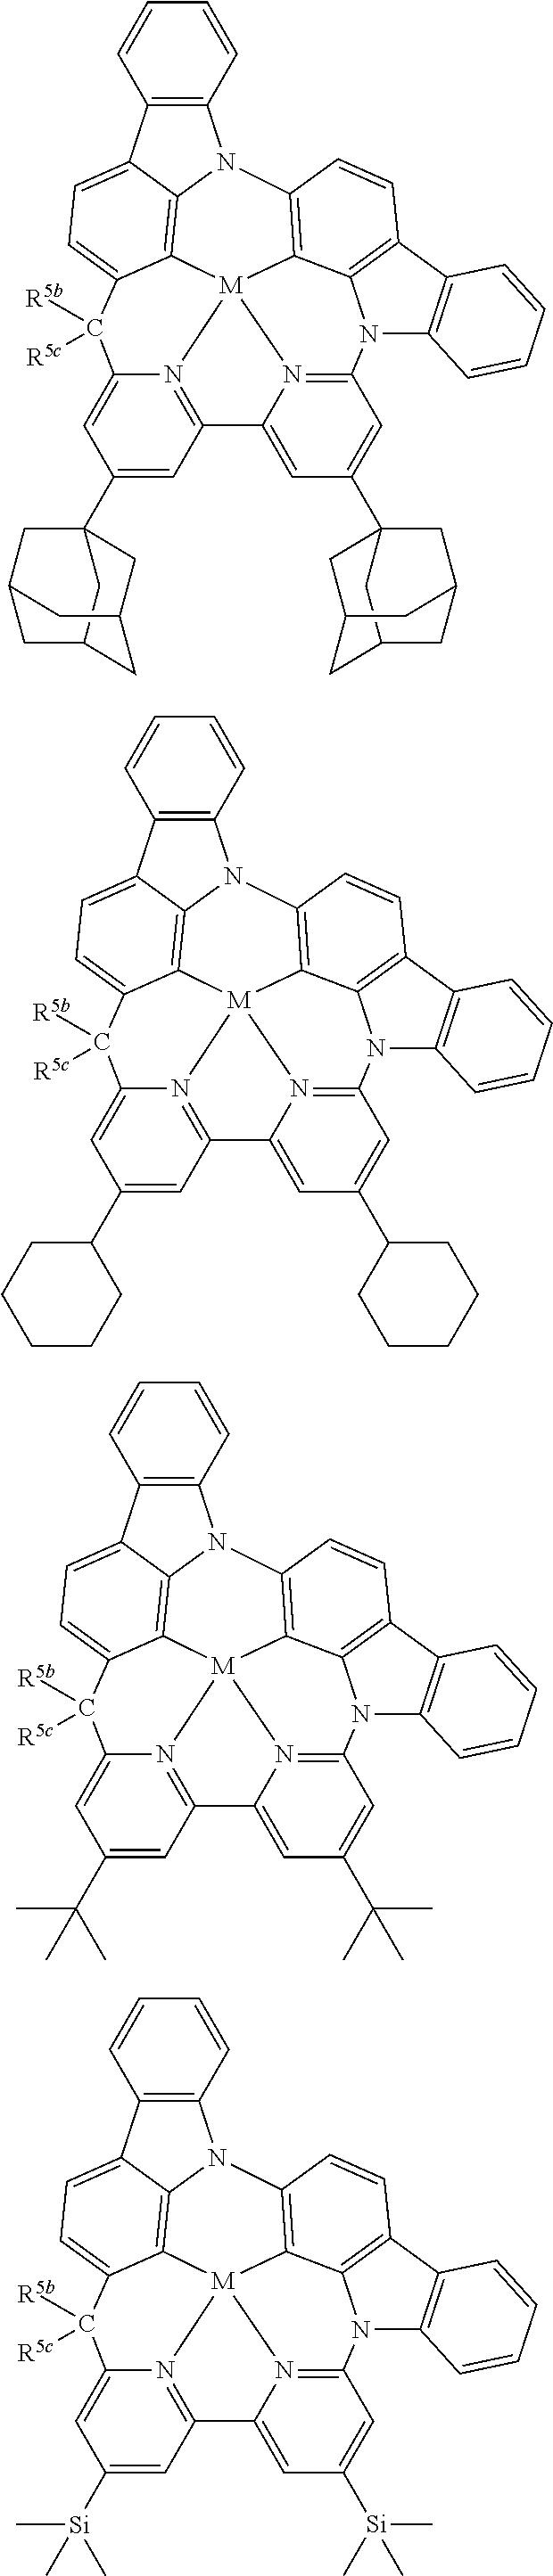 Figure US10158091-20181218-C00099